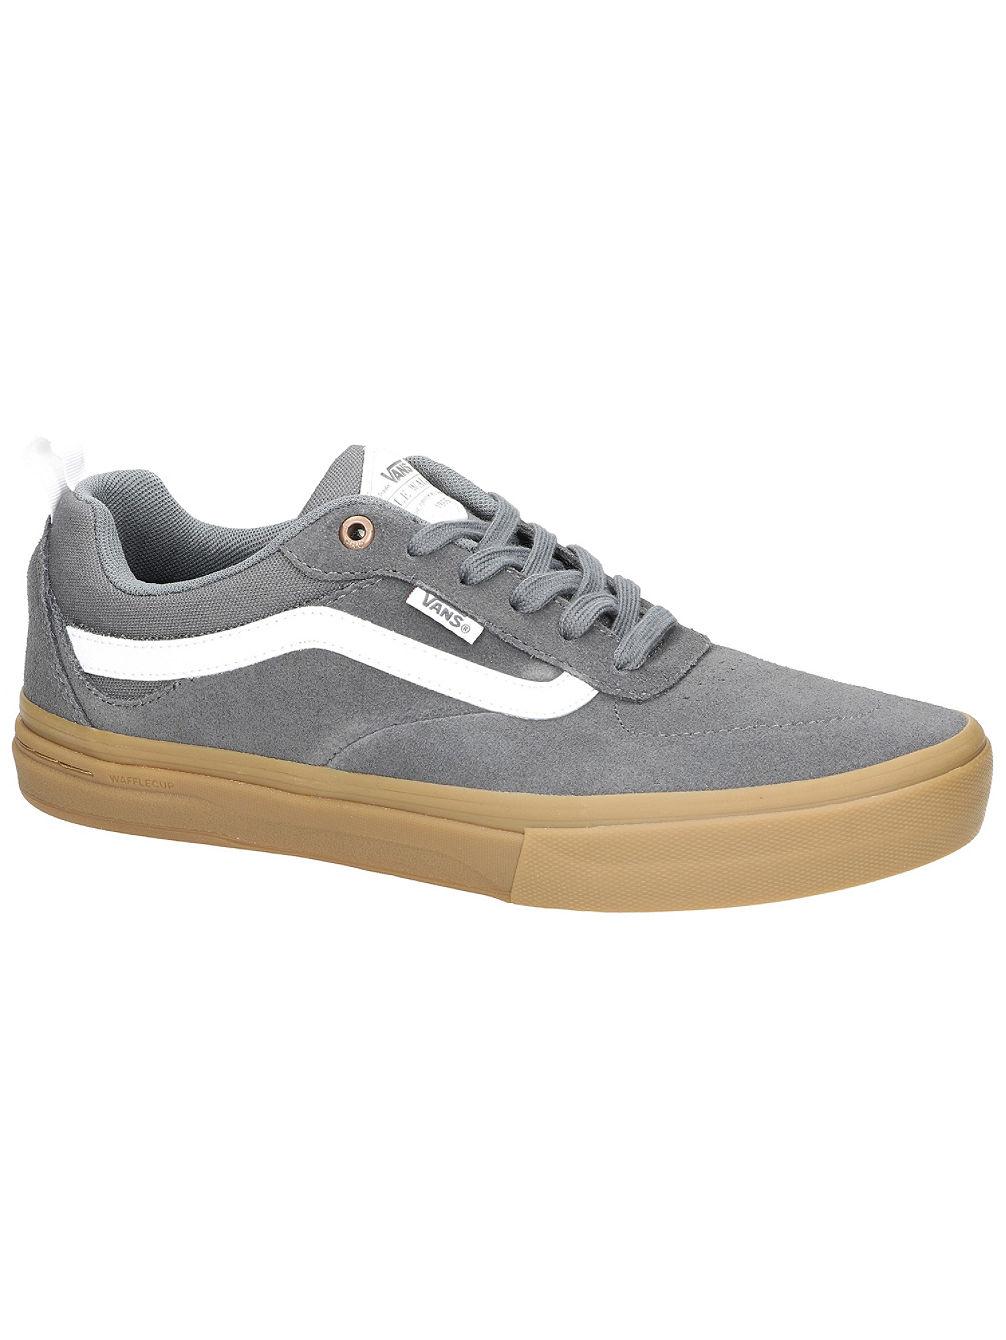 buy vans kyle walker pro skate shoes online at